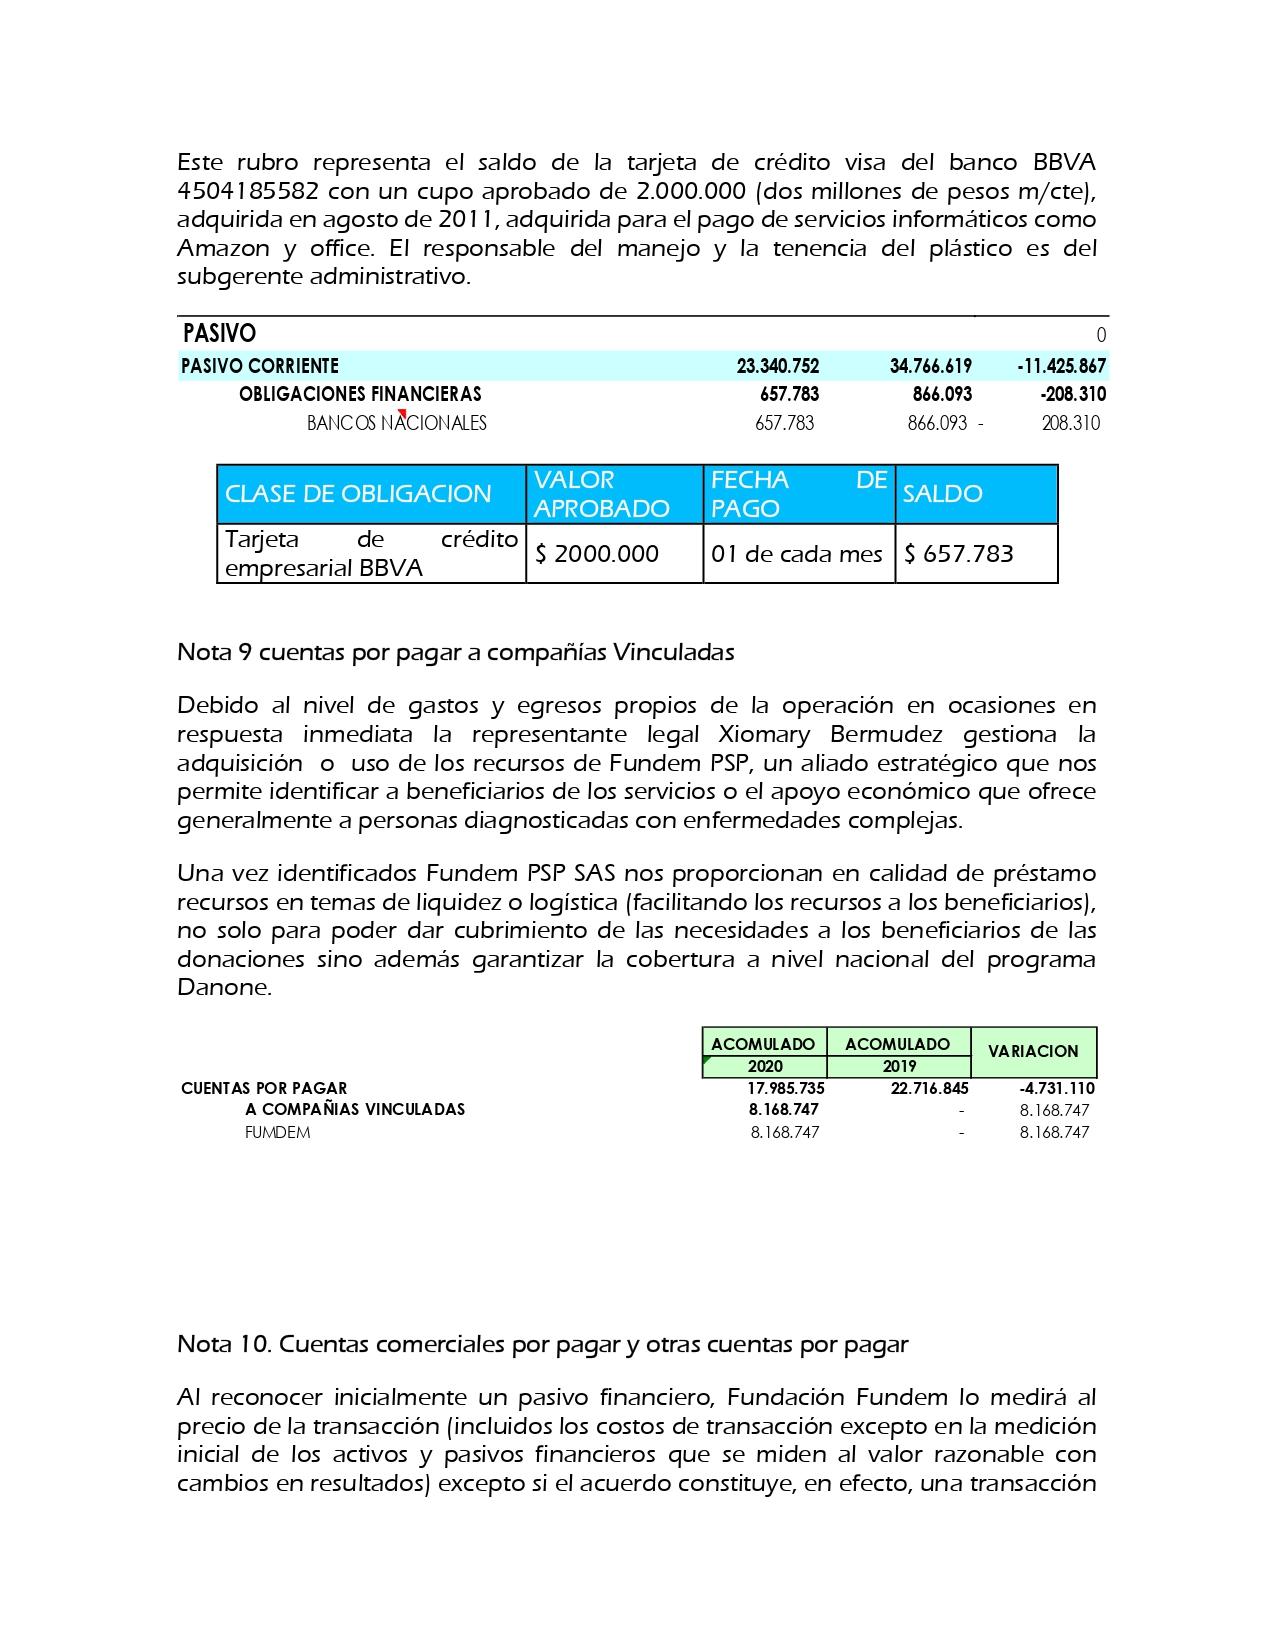 Estados Financieros Fundacion Fundem 2020_page-0021